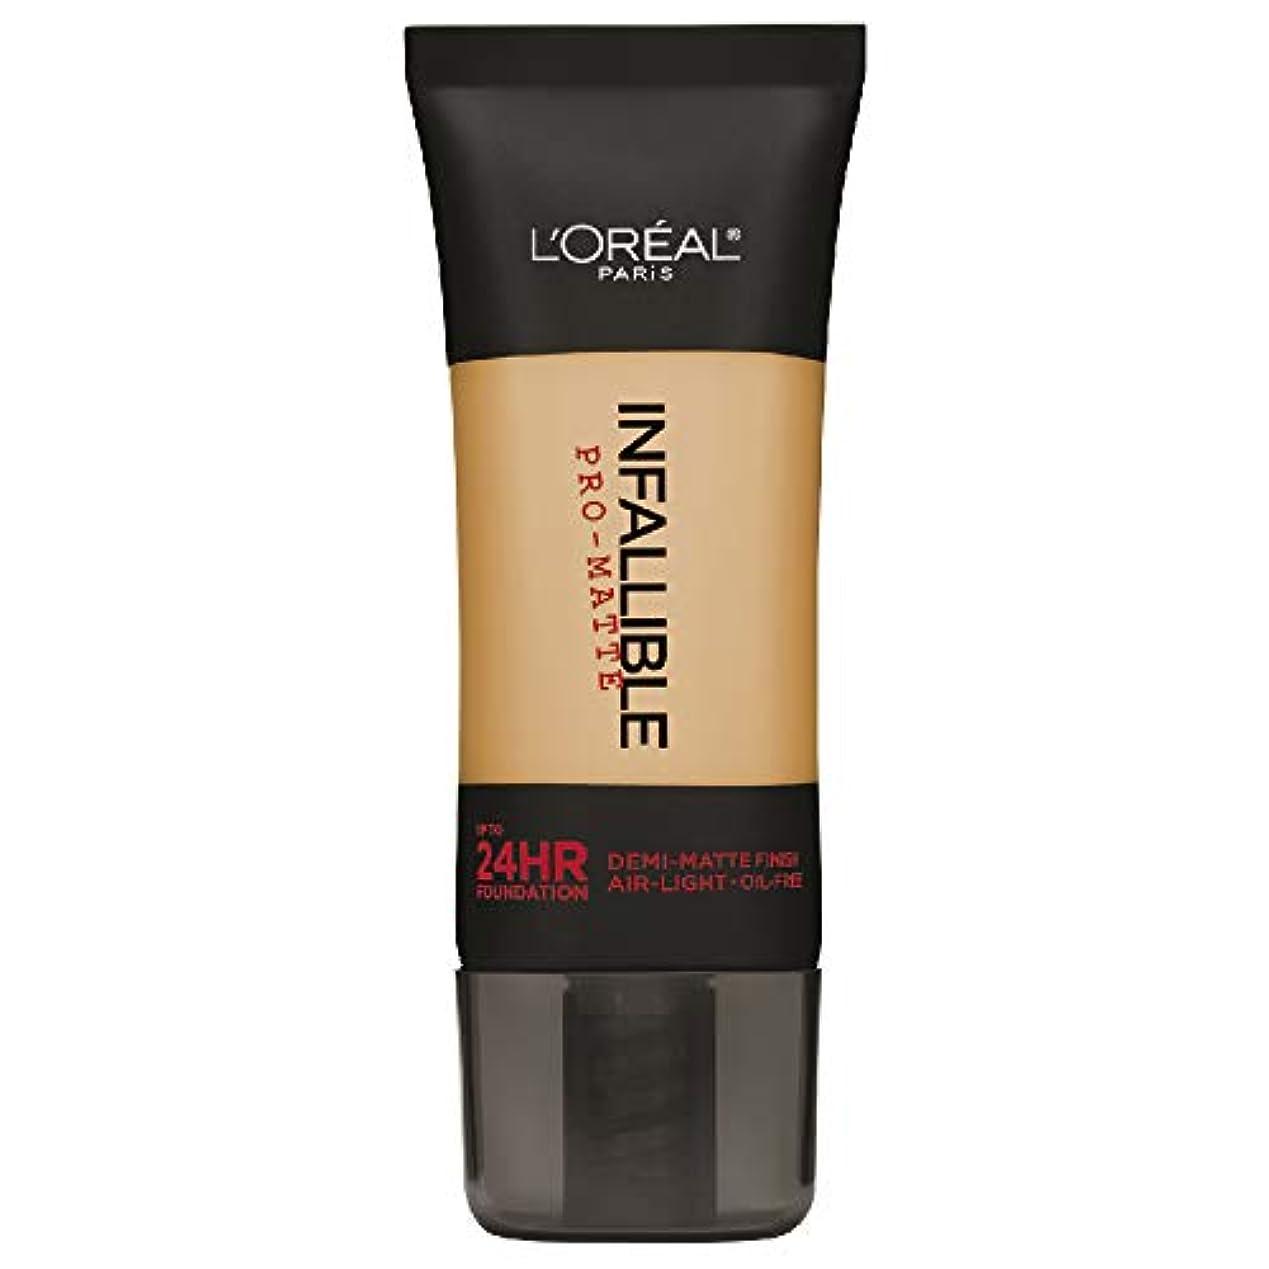 寂しいマリンホラーL'Oreal Paris Infallible Pro-Matte Foundation Makeup, 106 Sun Beige, 1 fl. oz[並行輸入品]